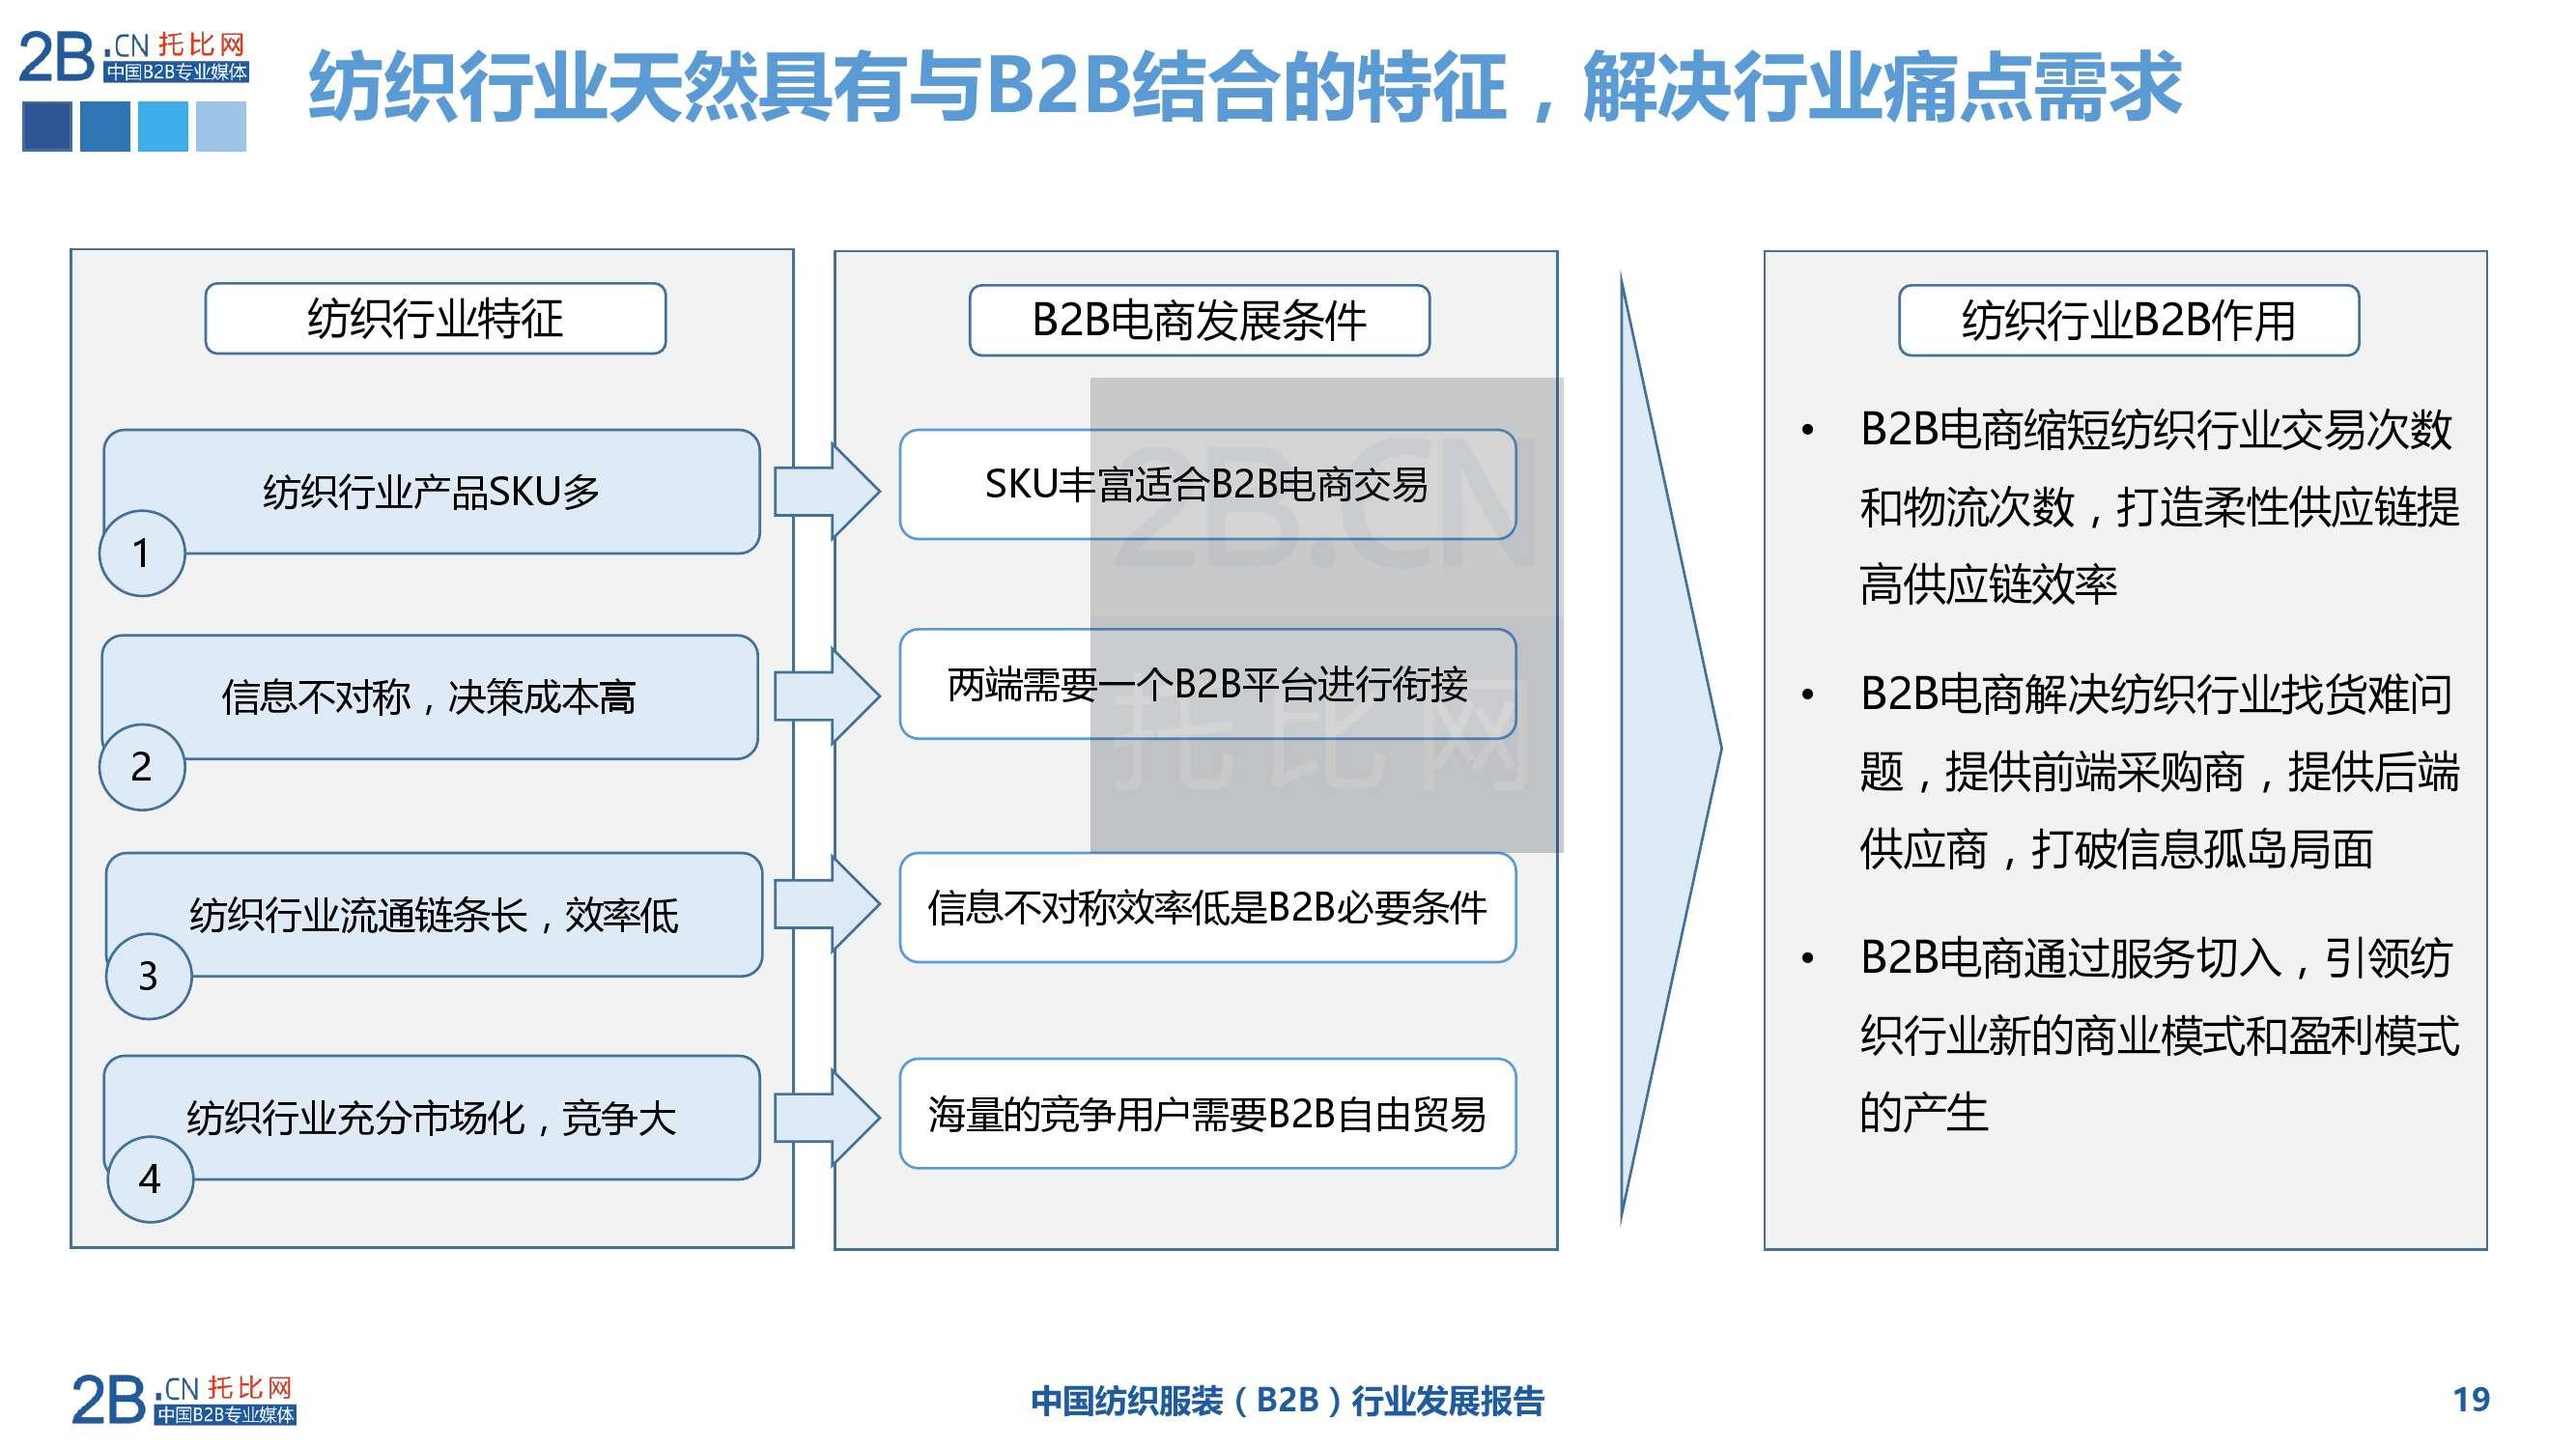 2015年中国纺织服装B2B行业发展报告_000019